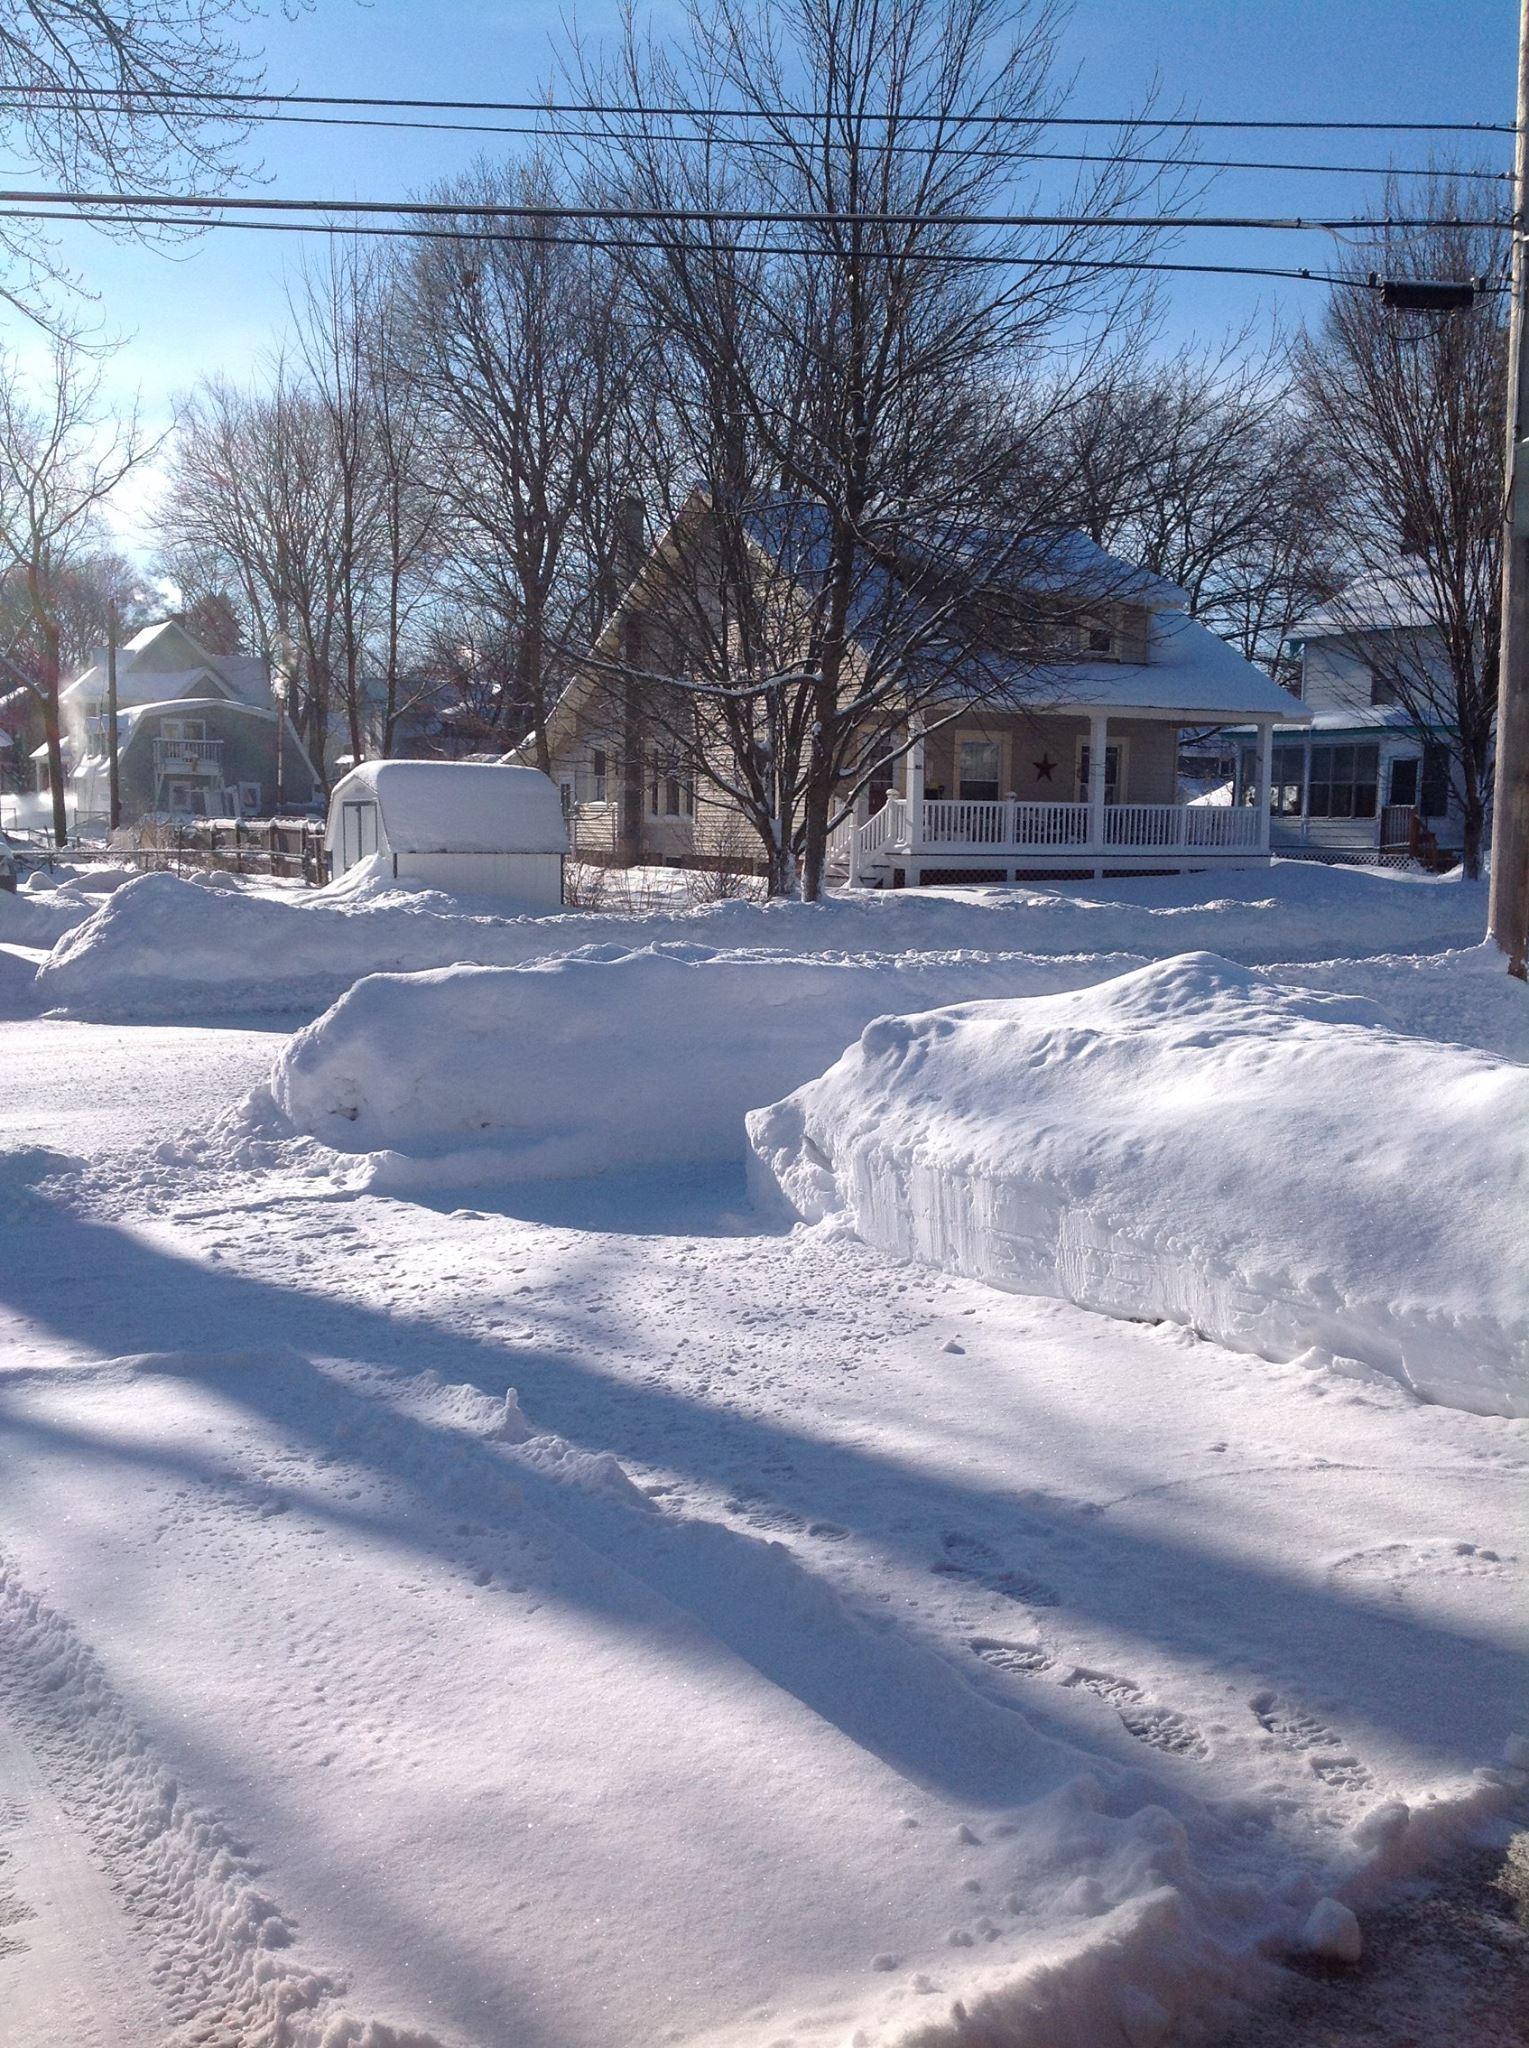 Snow in Glens Falls